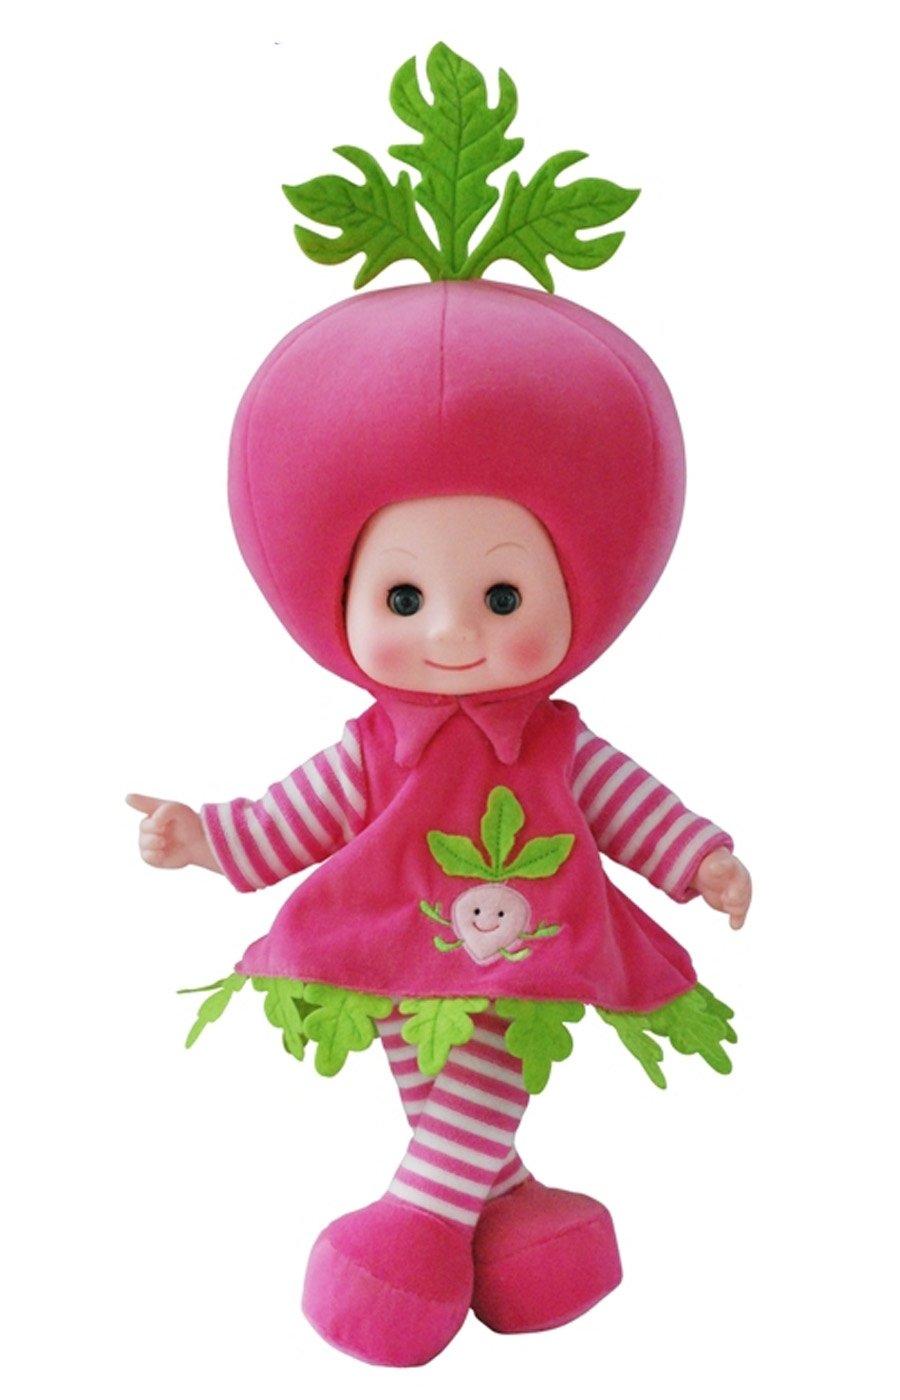 adingb爱丁堡 水果娃娃 可爱毛绒娃娃 会说话娃娃 (胡